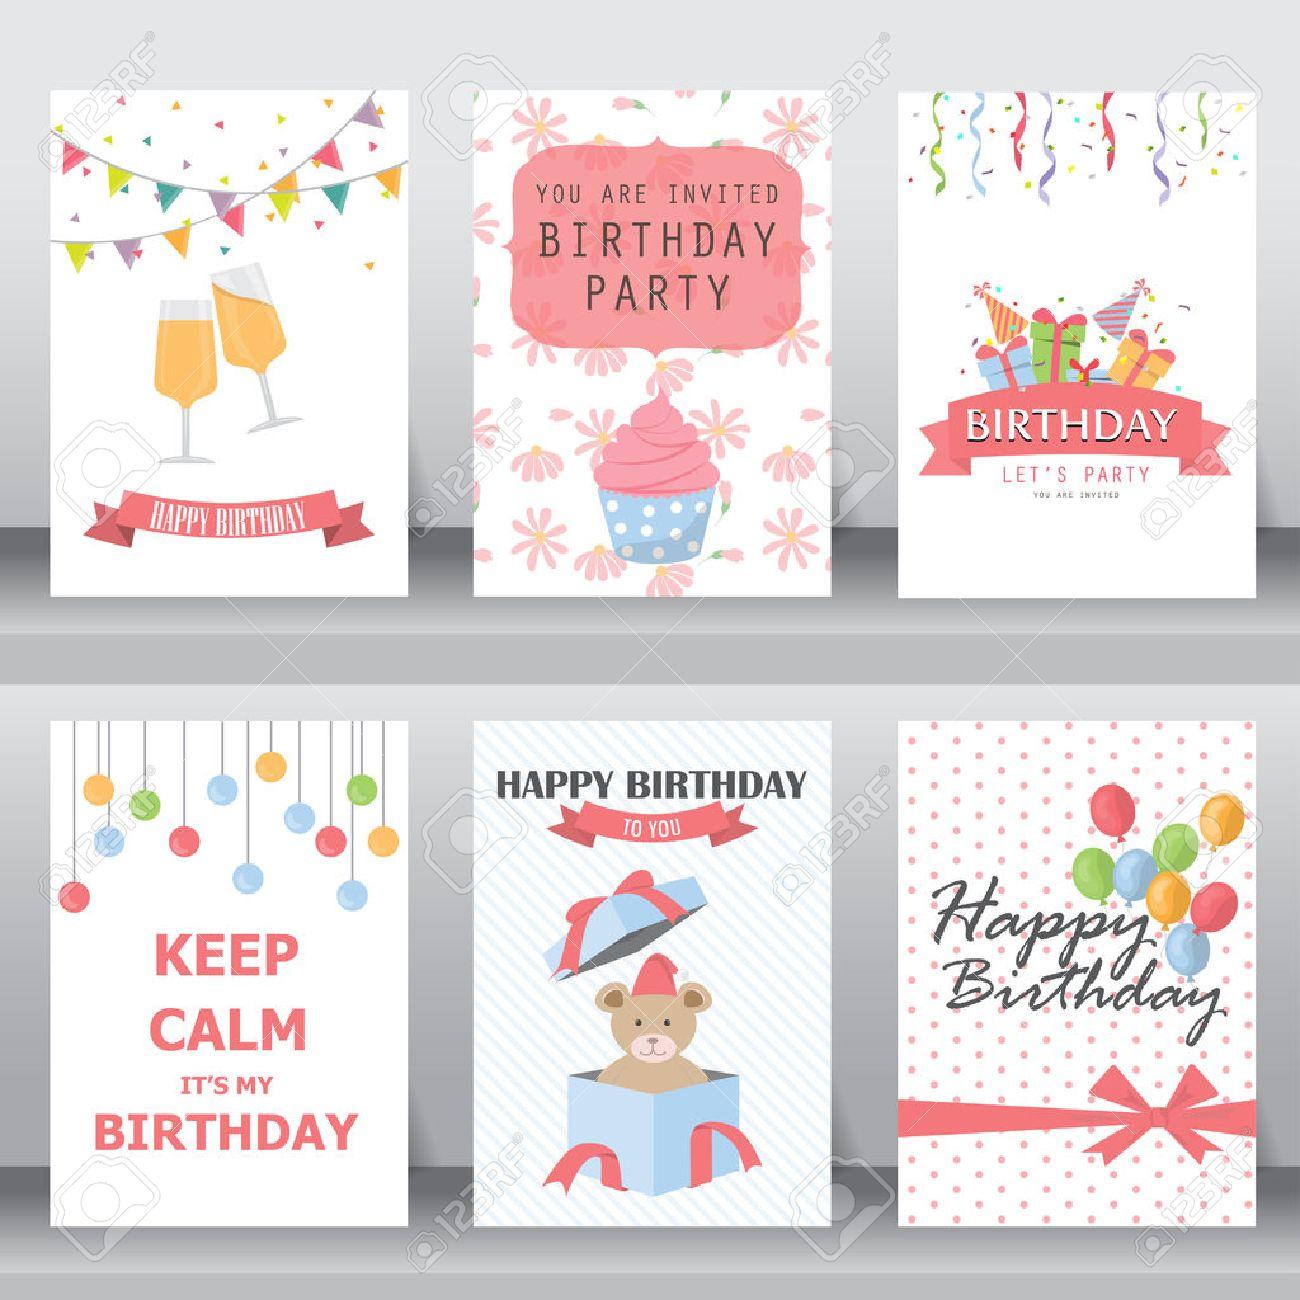 Feliz Cumpleaños Fiesta Saludo De Navidad Y La Tarjeta De Invitación Existen Globo Cajas De Regalo Confeti Torta De La Oso De Peluche